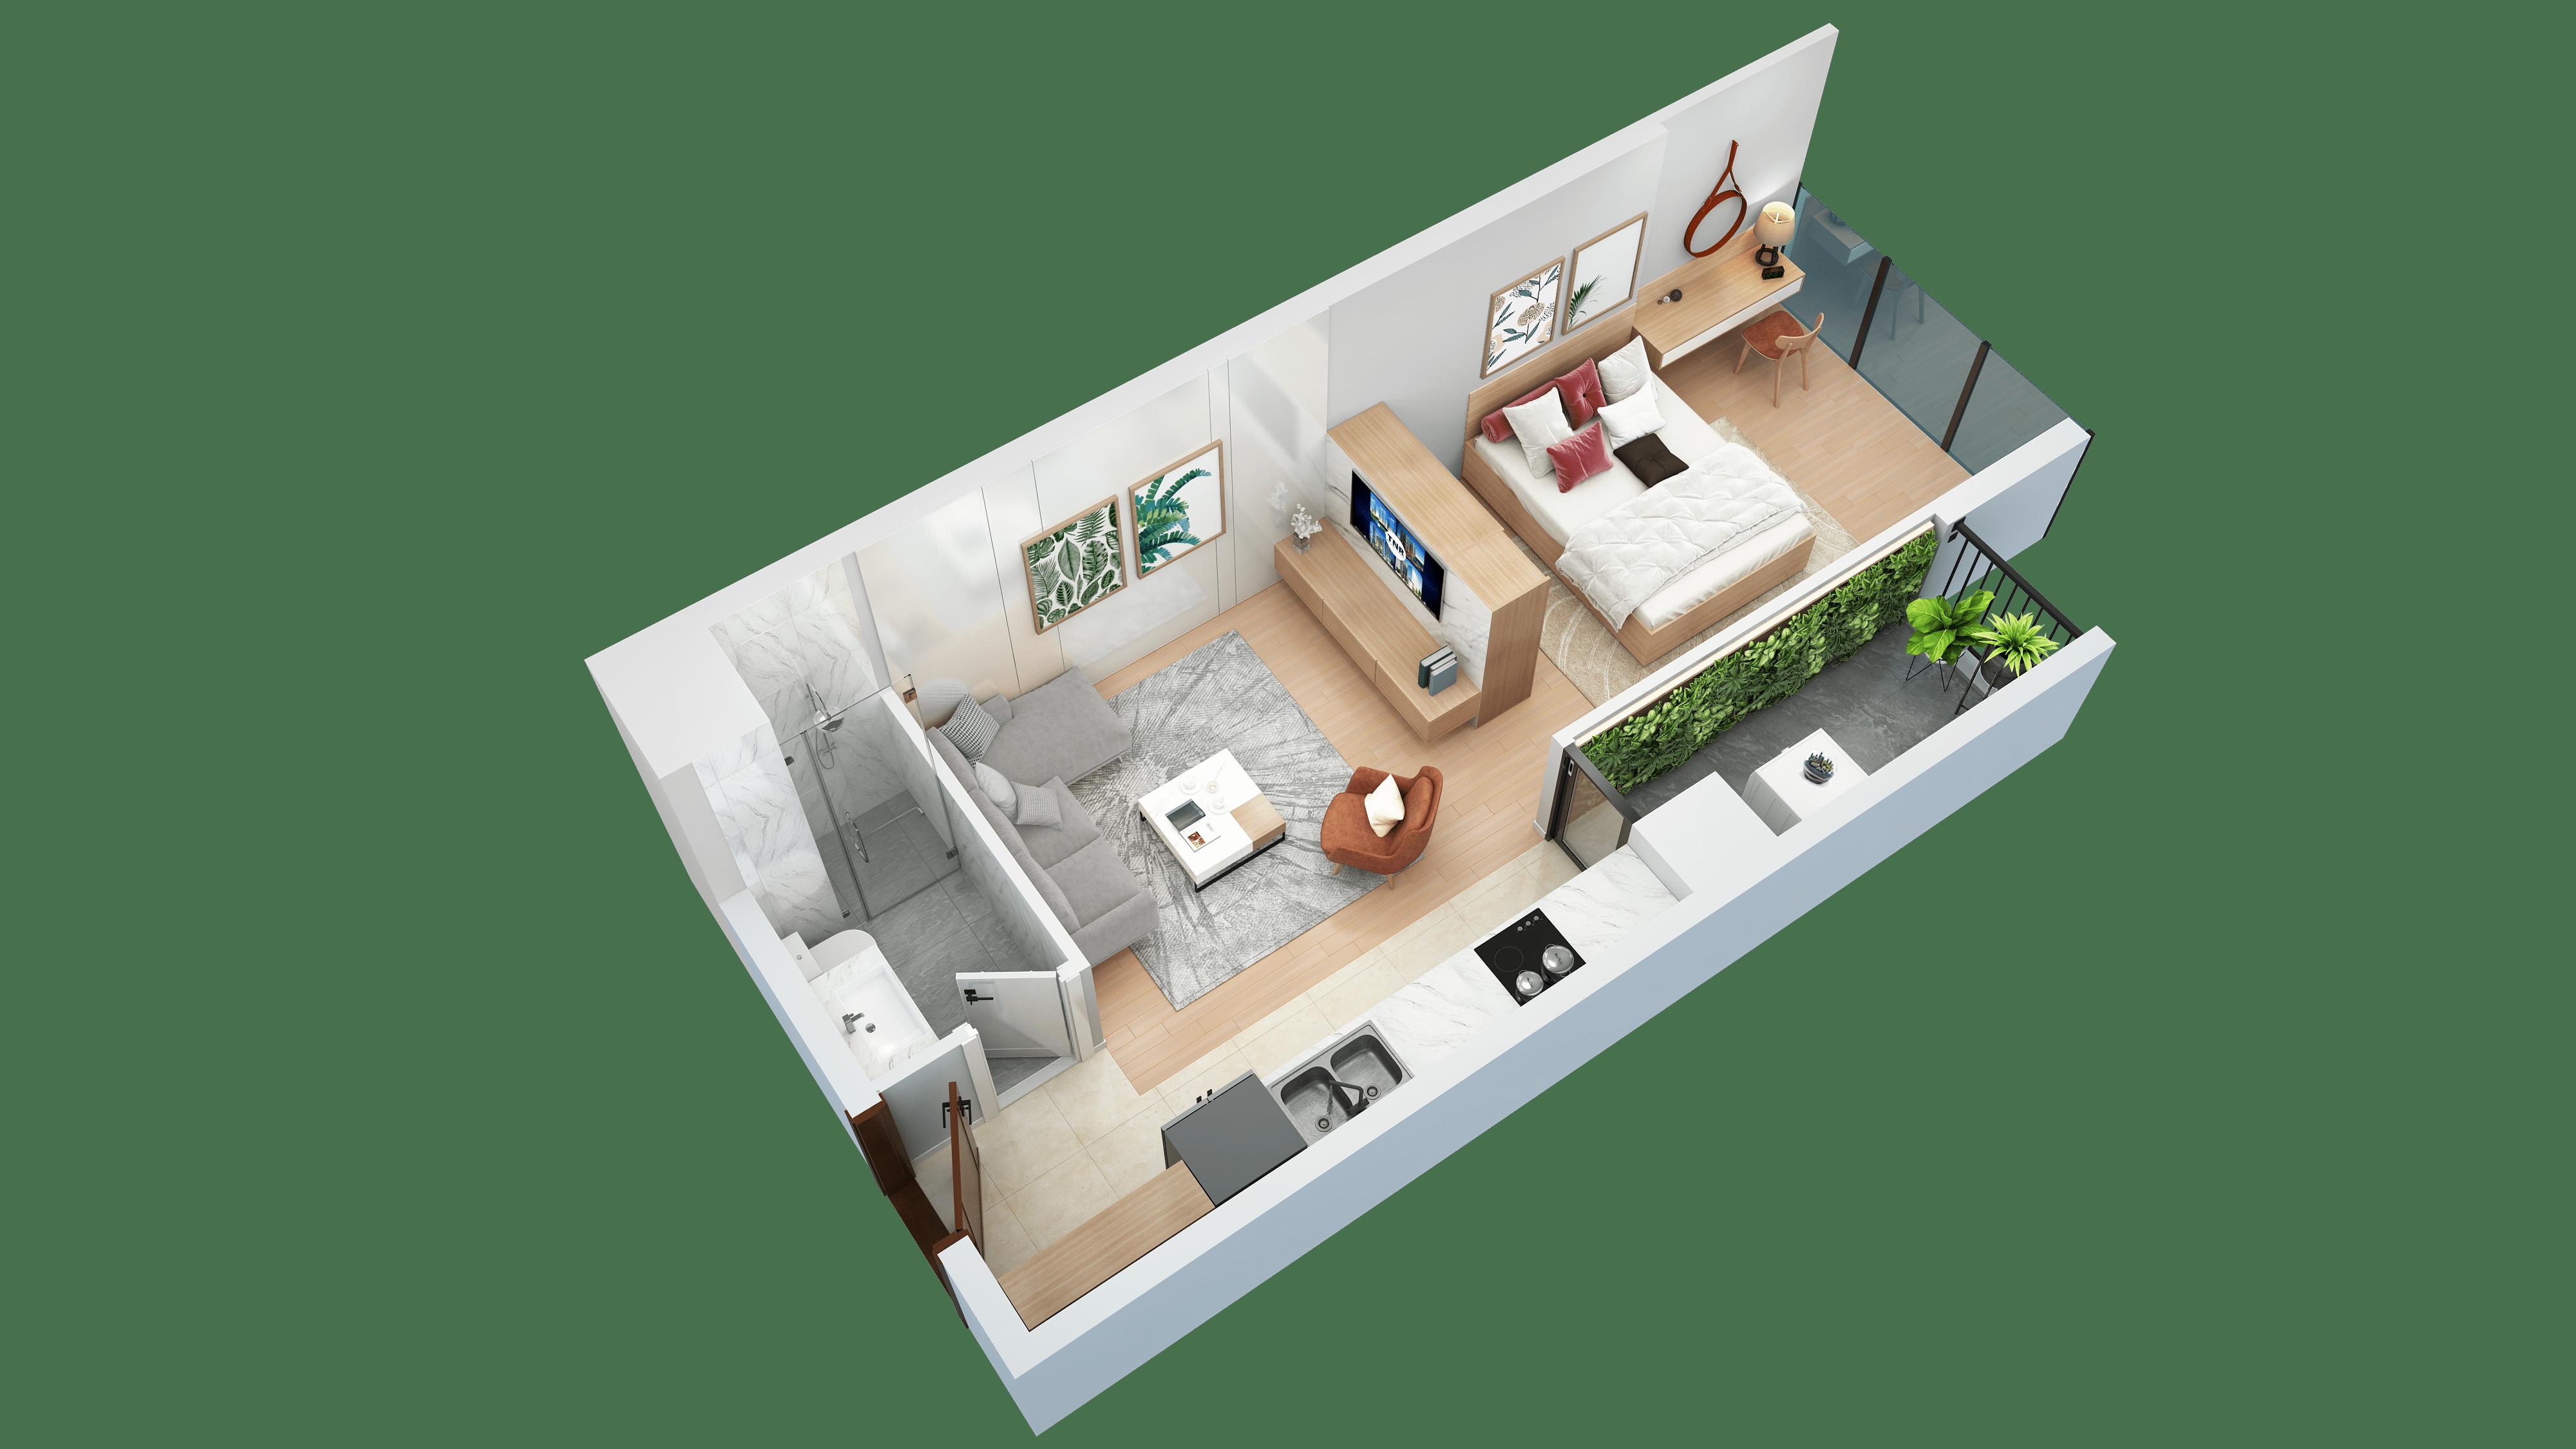 Thiết kế căn hộ 08 chung cư tnr the nosta